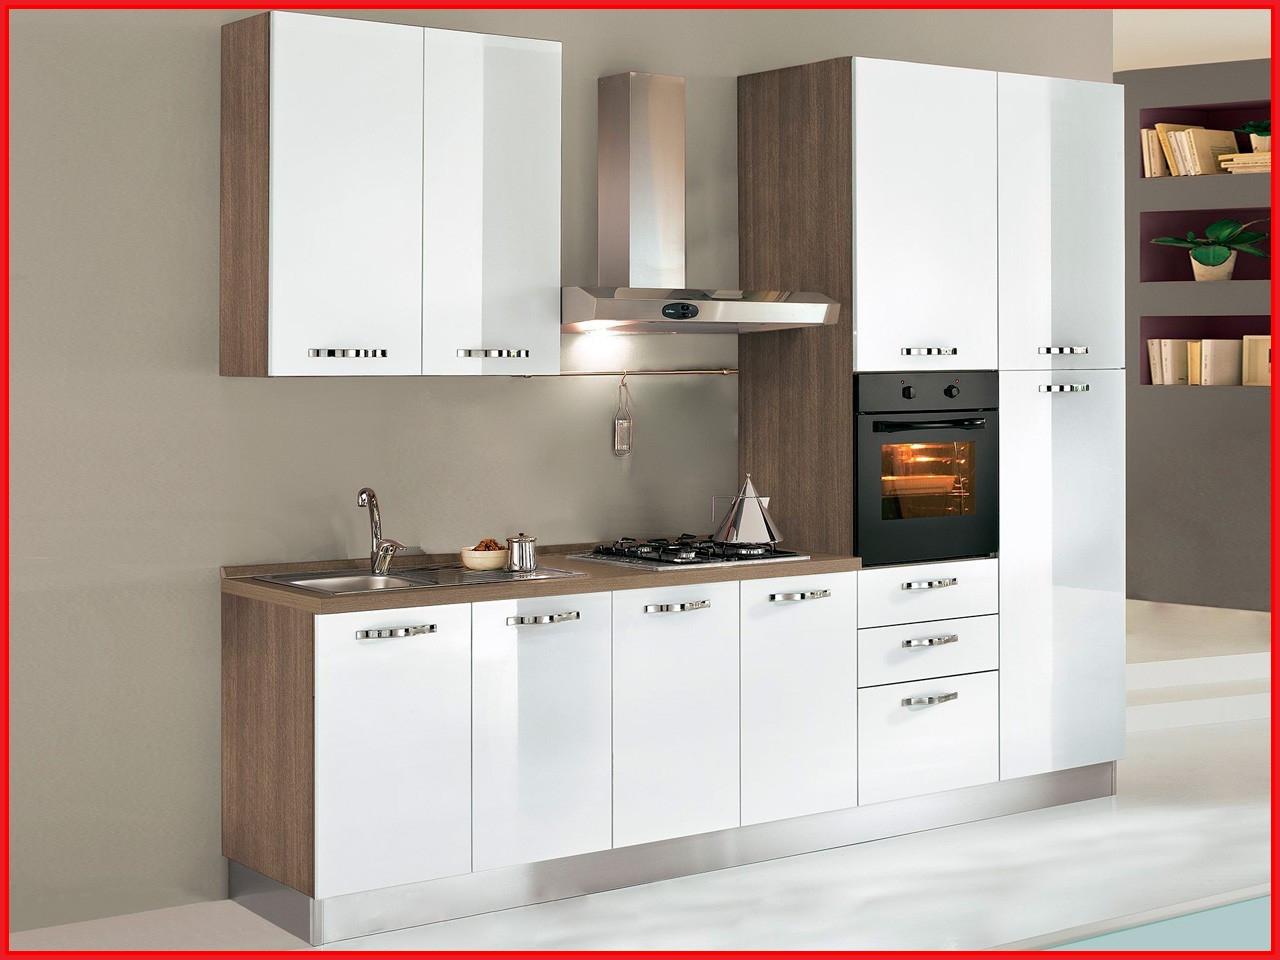 Muebles De Cocina Online T8dj Cocina Online Muebles Muebles De Cocina Line Cool Limpiar